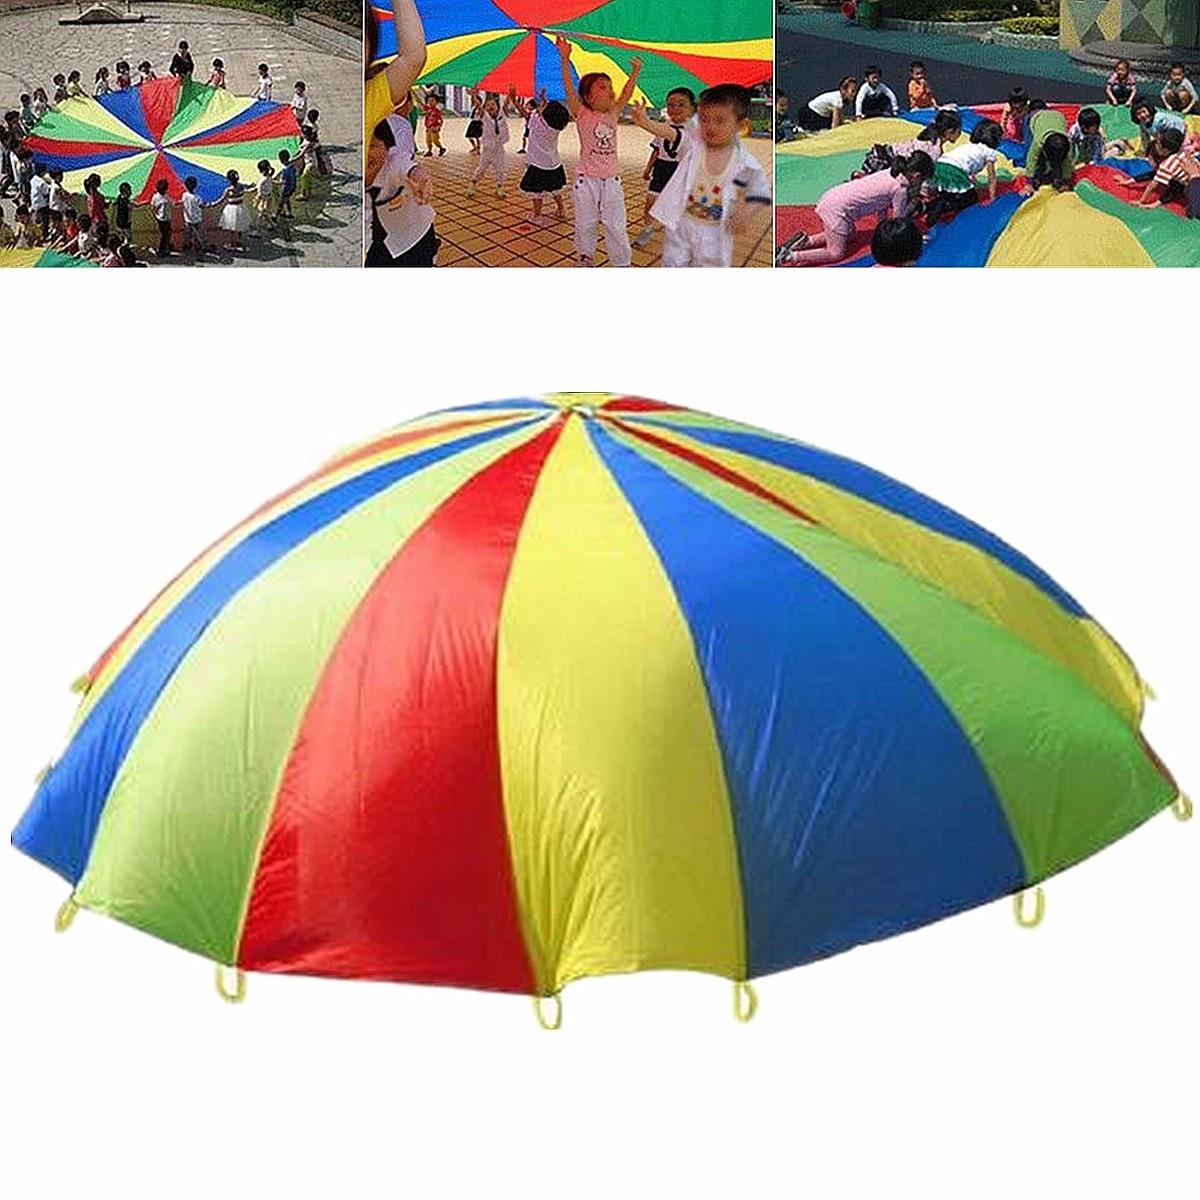 4 m Arc-En-Parapluie Parachute Jouet Enfant Enfants Jeux de Sport En Plein Air Développement Jouet Saut-sac Ballute Éducatifs Jouer Parachute